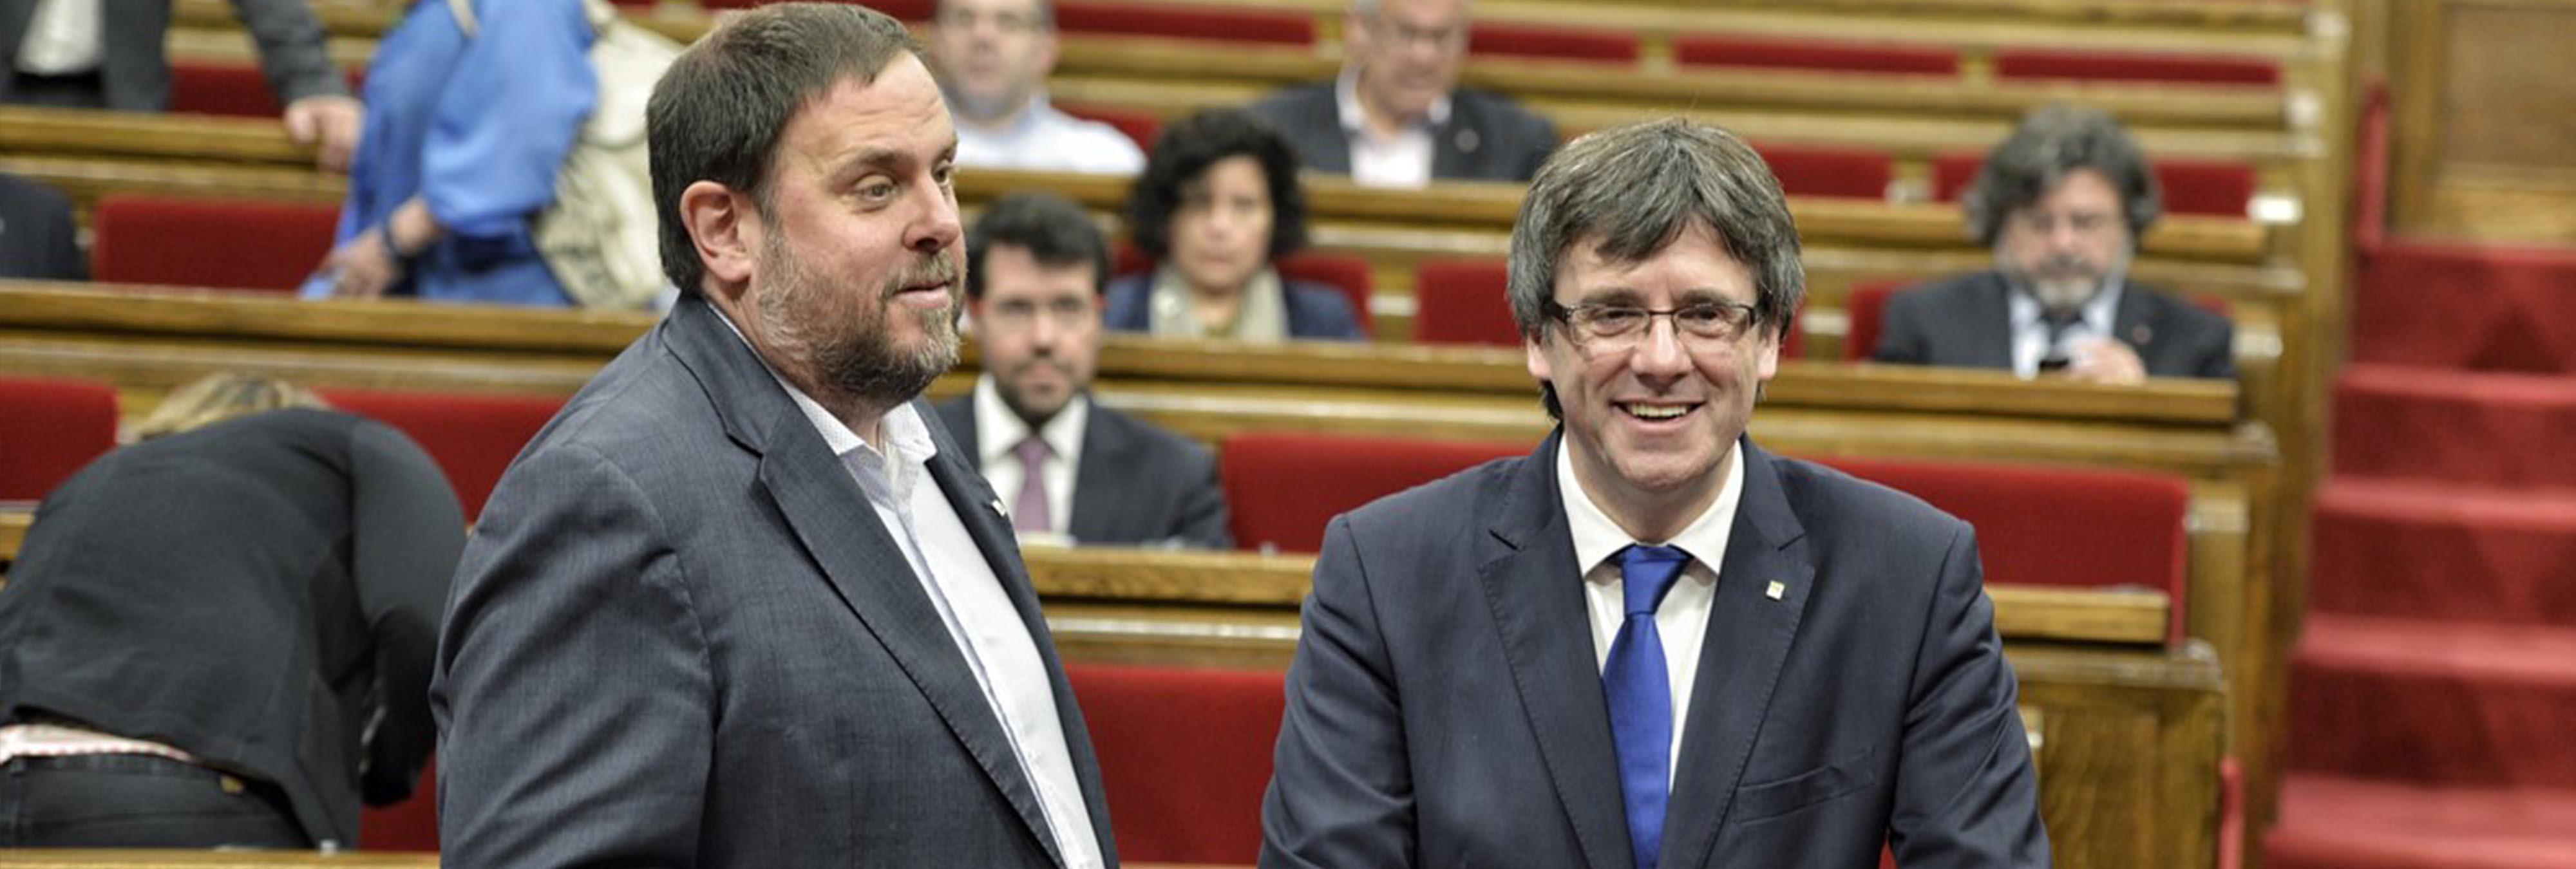 Puigdemont declara la independencia pero la suspende para abrir diálogo